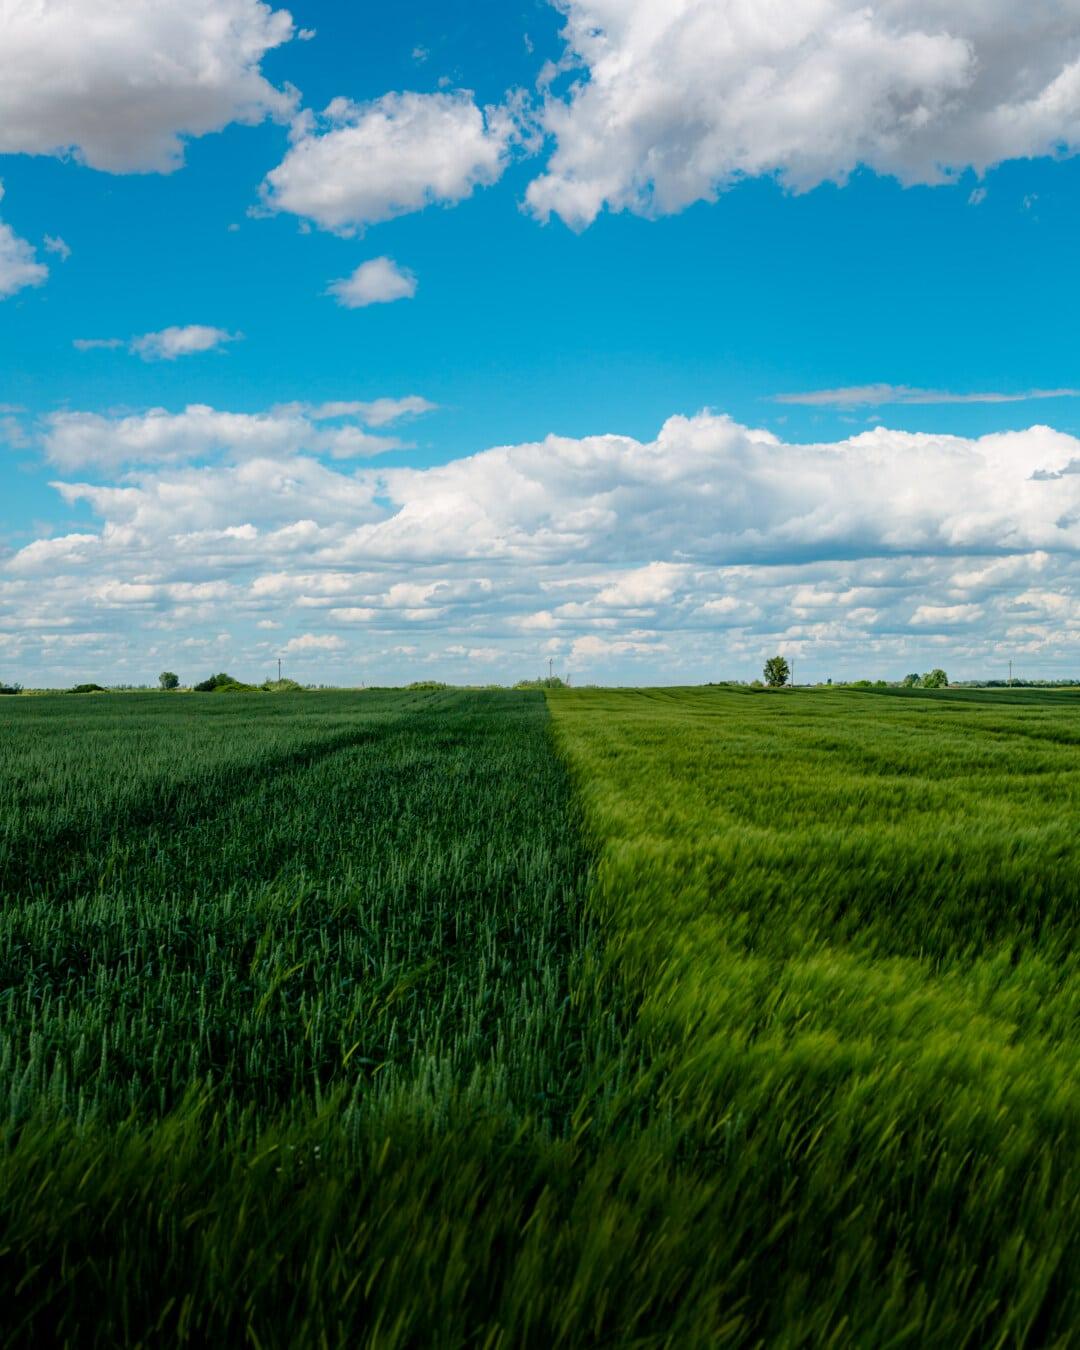 champ de blé, paysage, ferme, prairie, herbe, Agriculture, nuage, rural, domaine, campagne